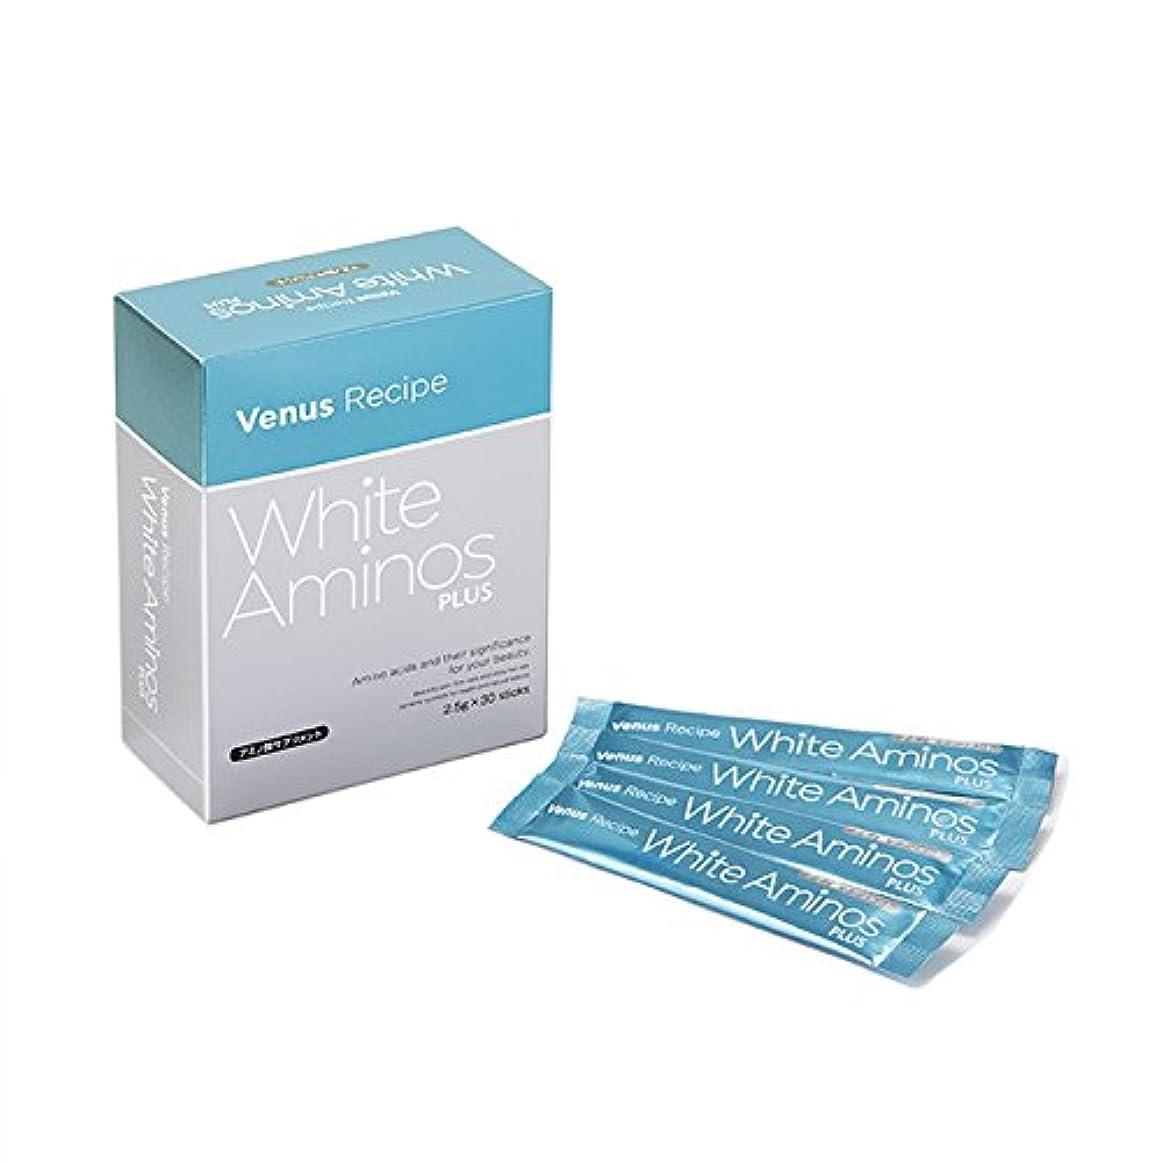 スラダムパラシュート穏やかなアクシージア (AXXZIA) ヴィーナスレシピ ホワイト アミノズ プラス 75g(2.5g×30包)| アミノ酸